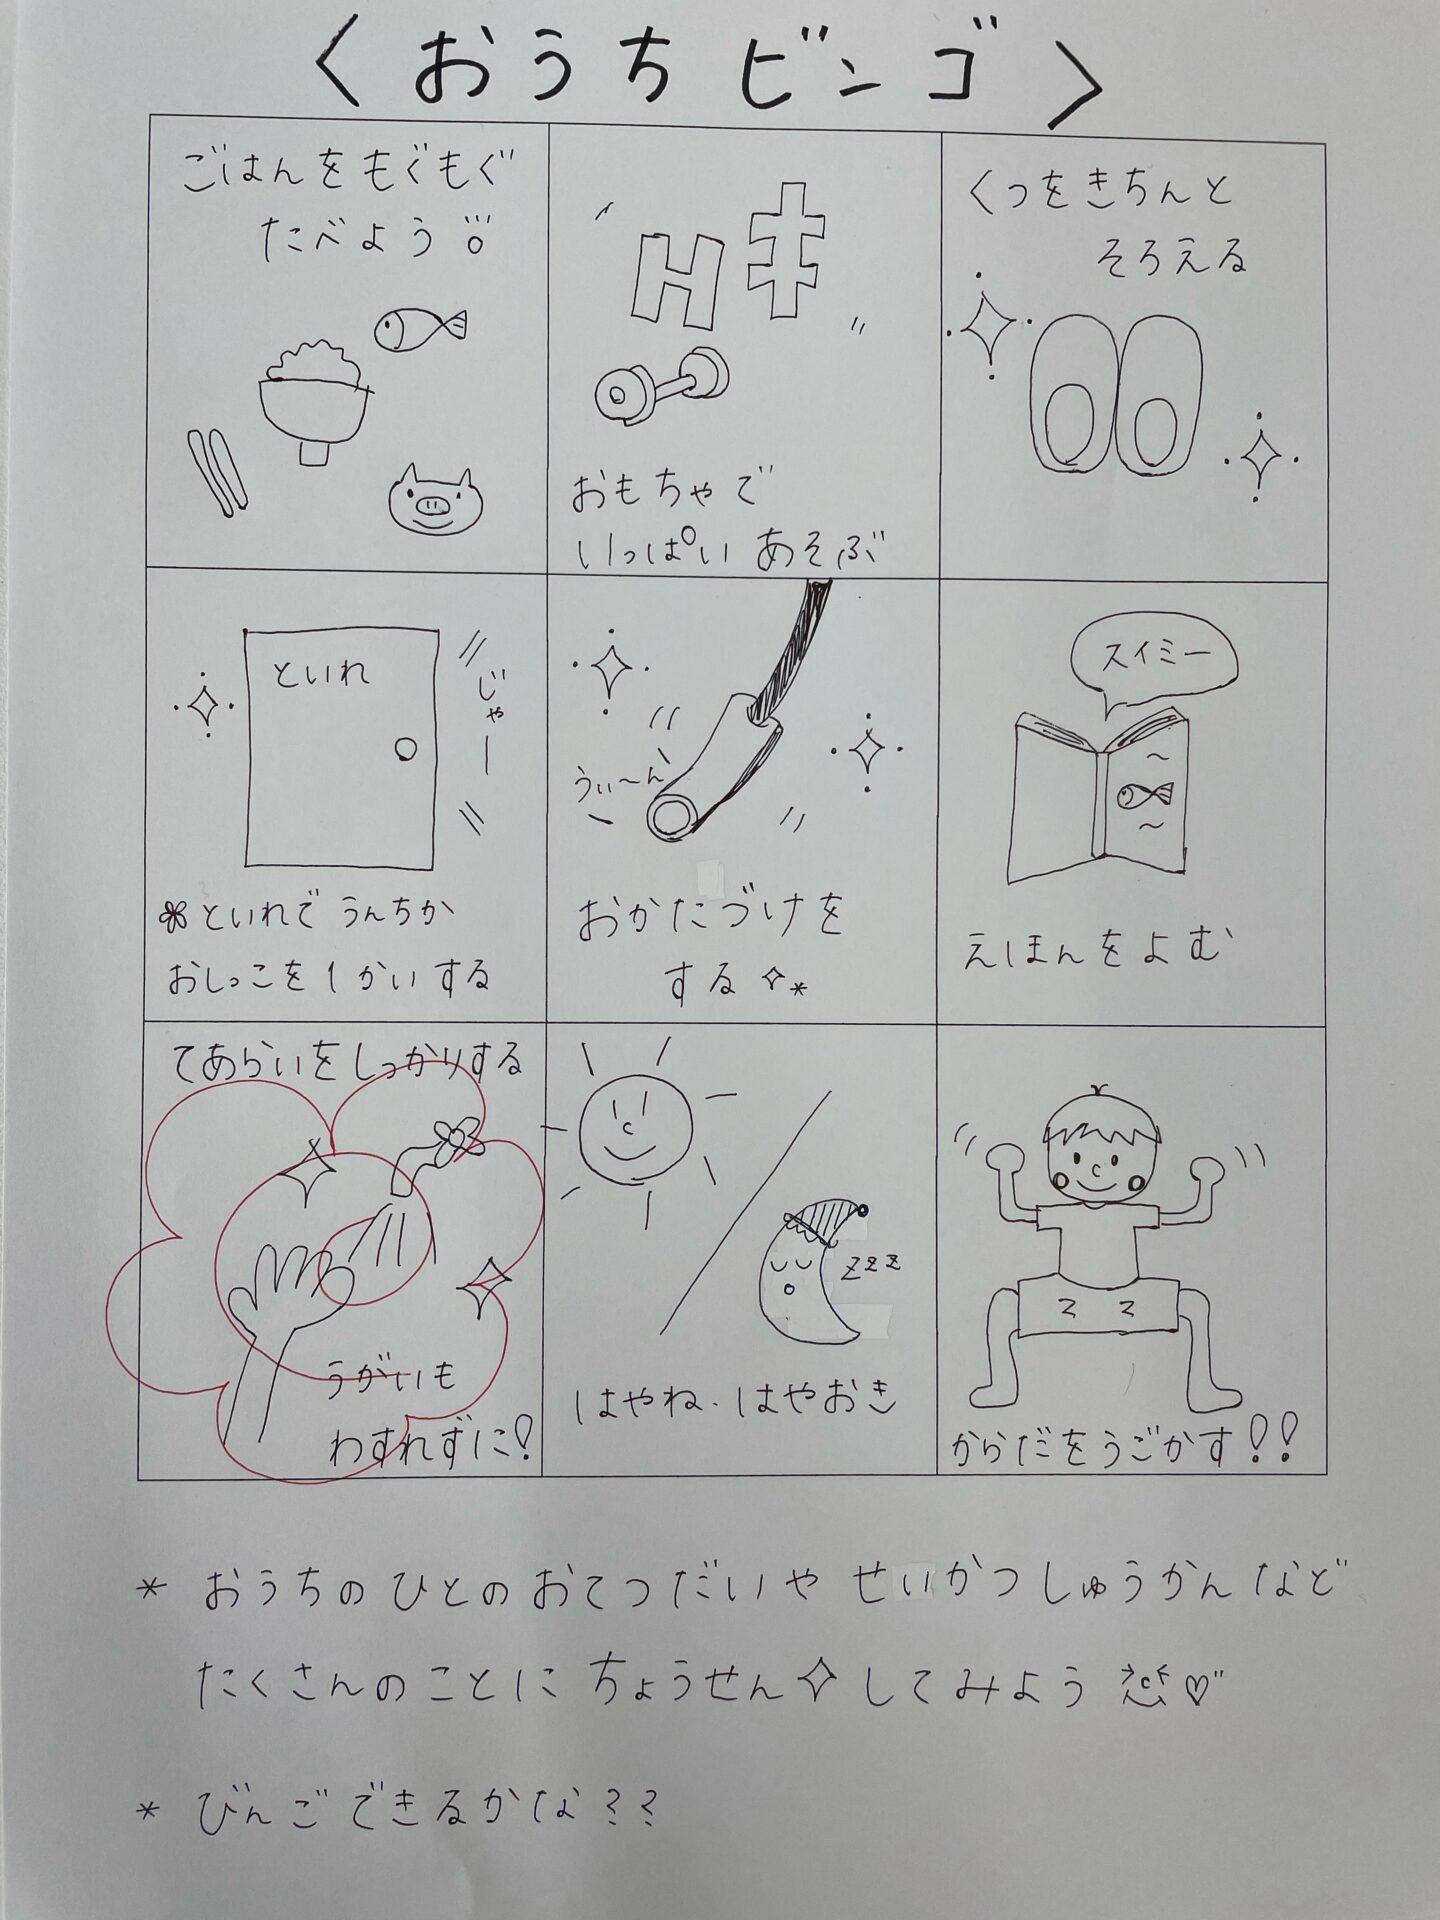 【おうちビンゴ】